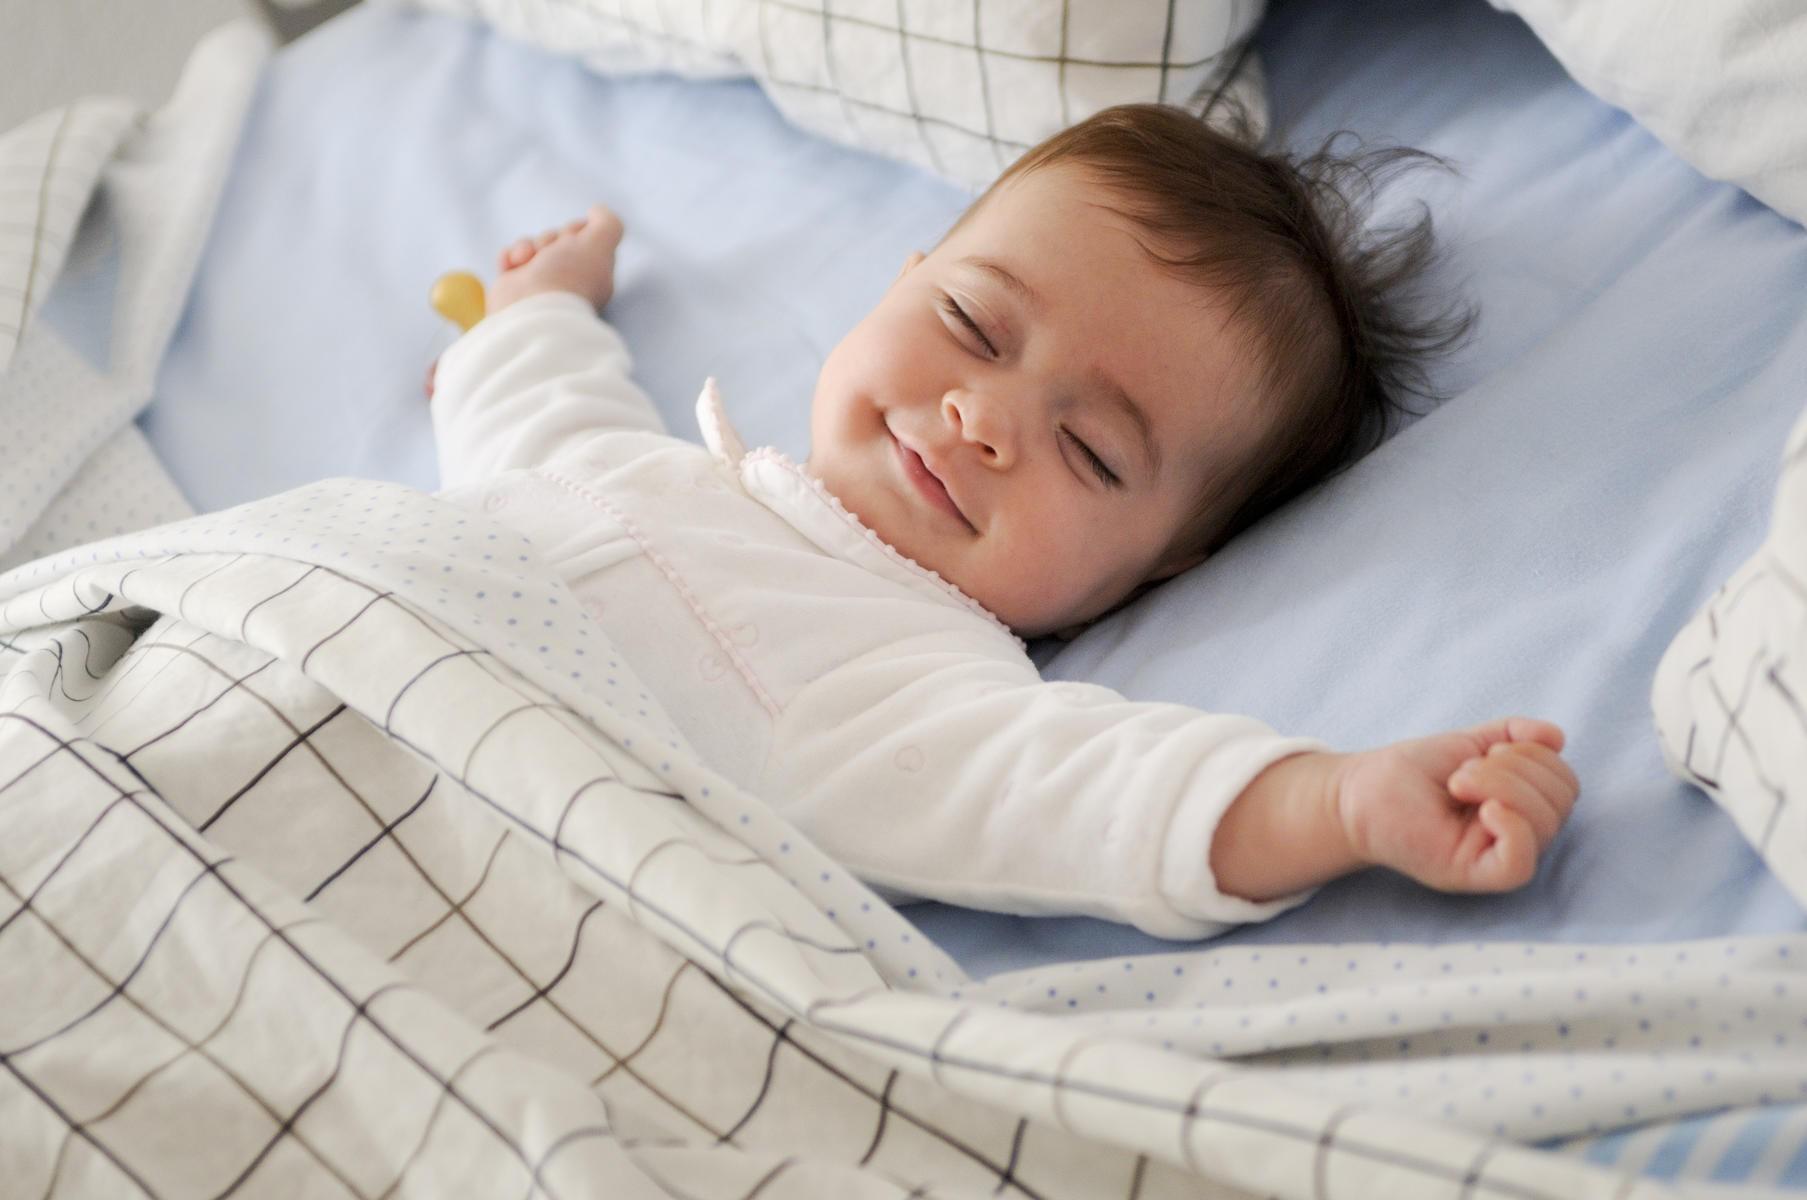 Giấc ngủ ngon cho con - món quà quý báu đầu đời bố mẹ nhất định phải thực hiện - Ảnh 2.